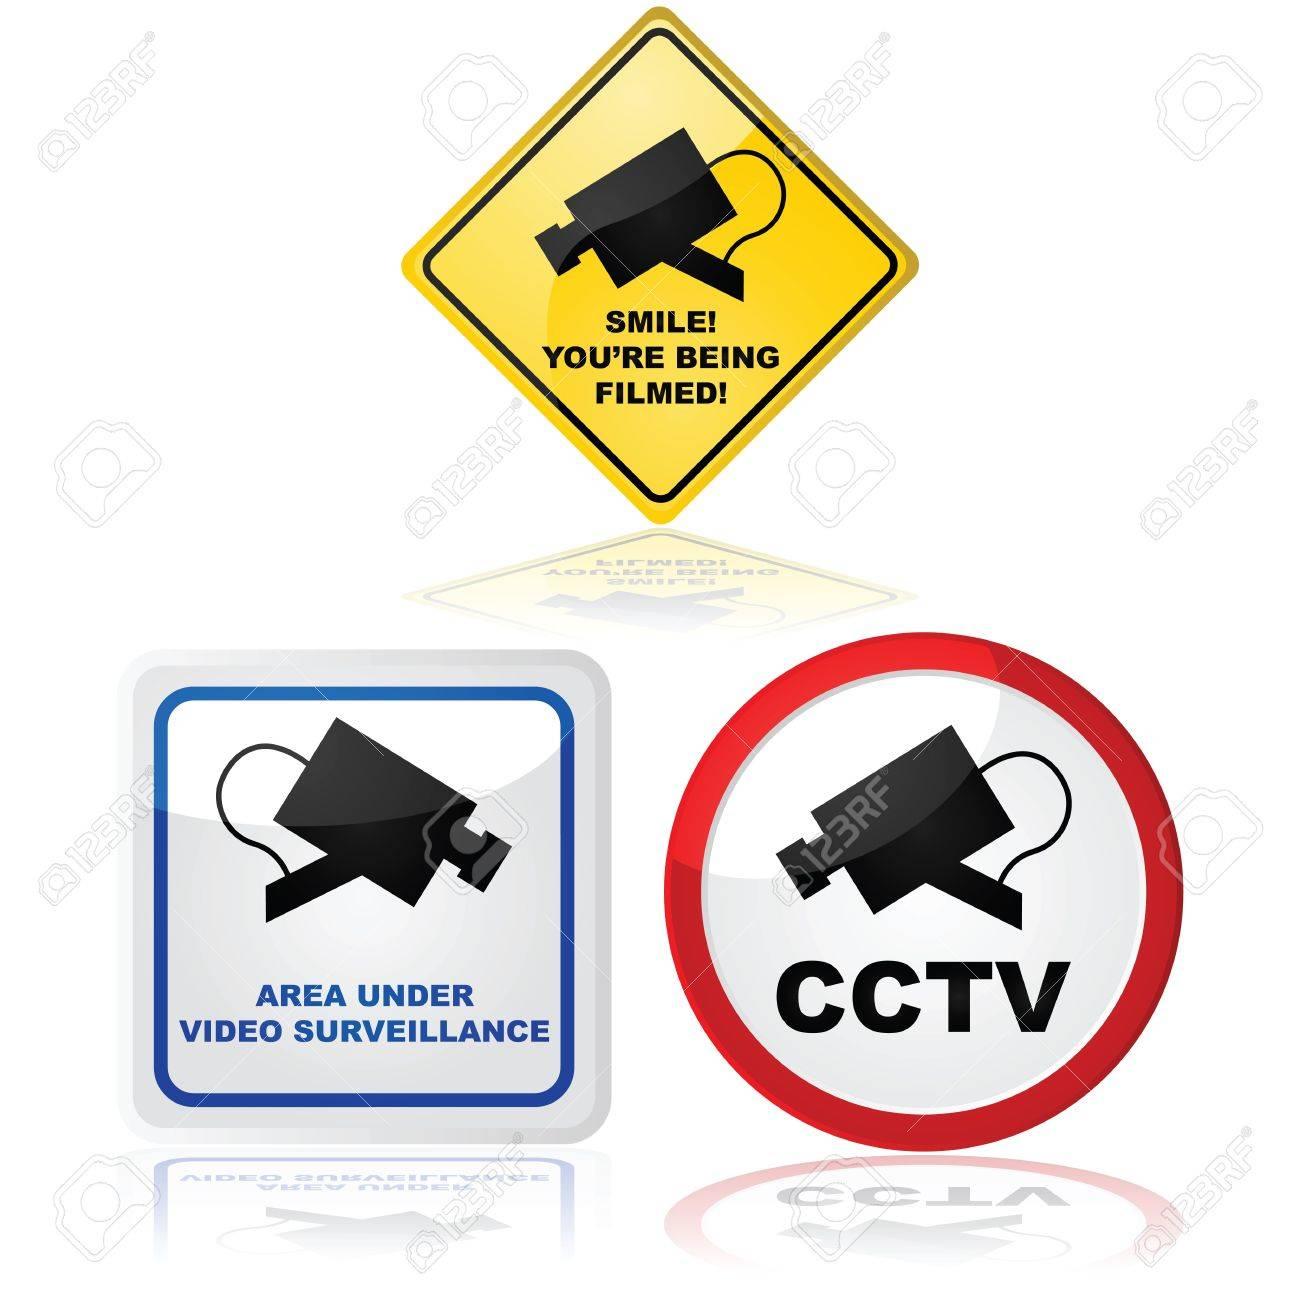 Des Panneaux Indiquant Qu Une Camera Video Est Utilisee Dans Le Lieu